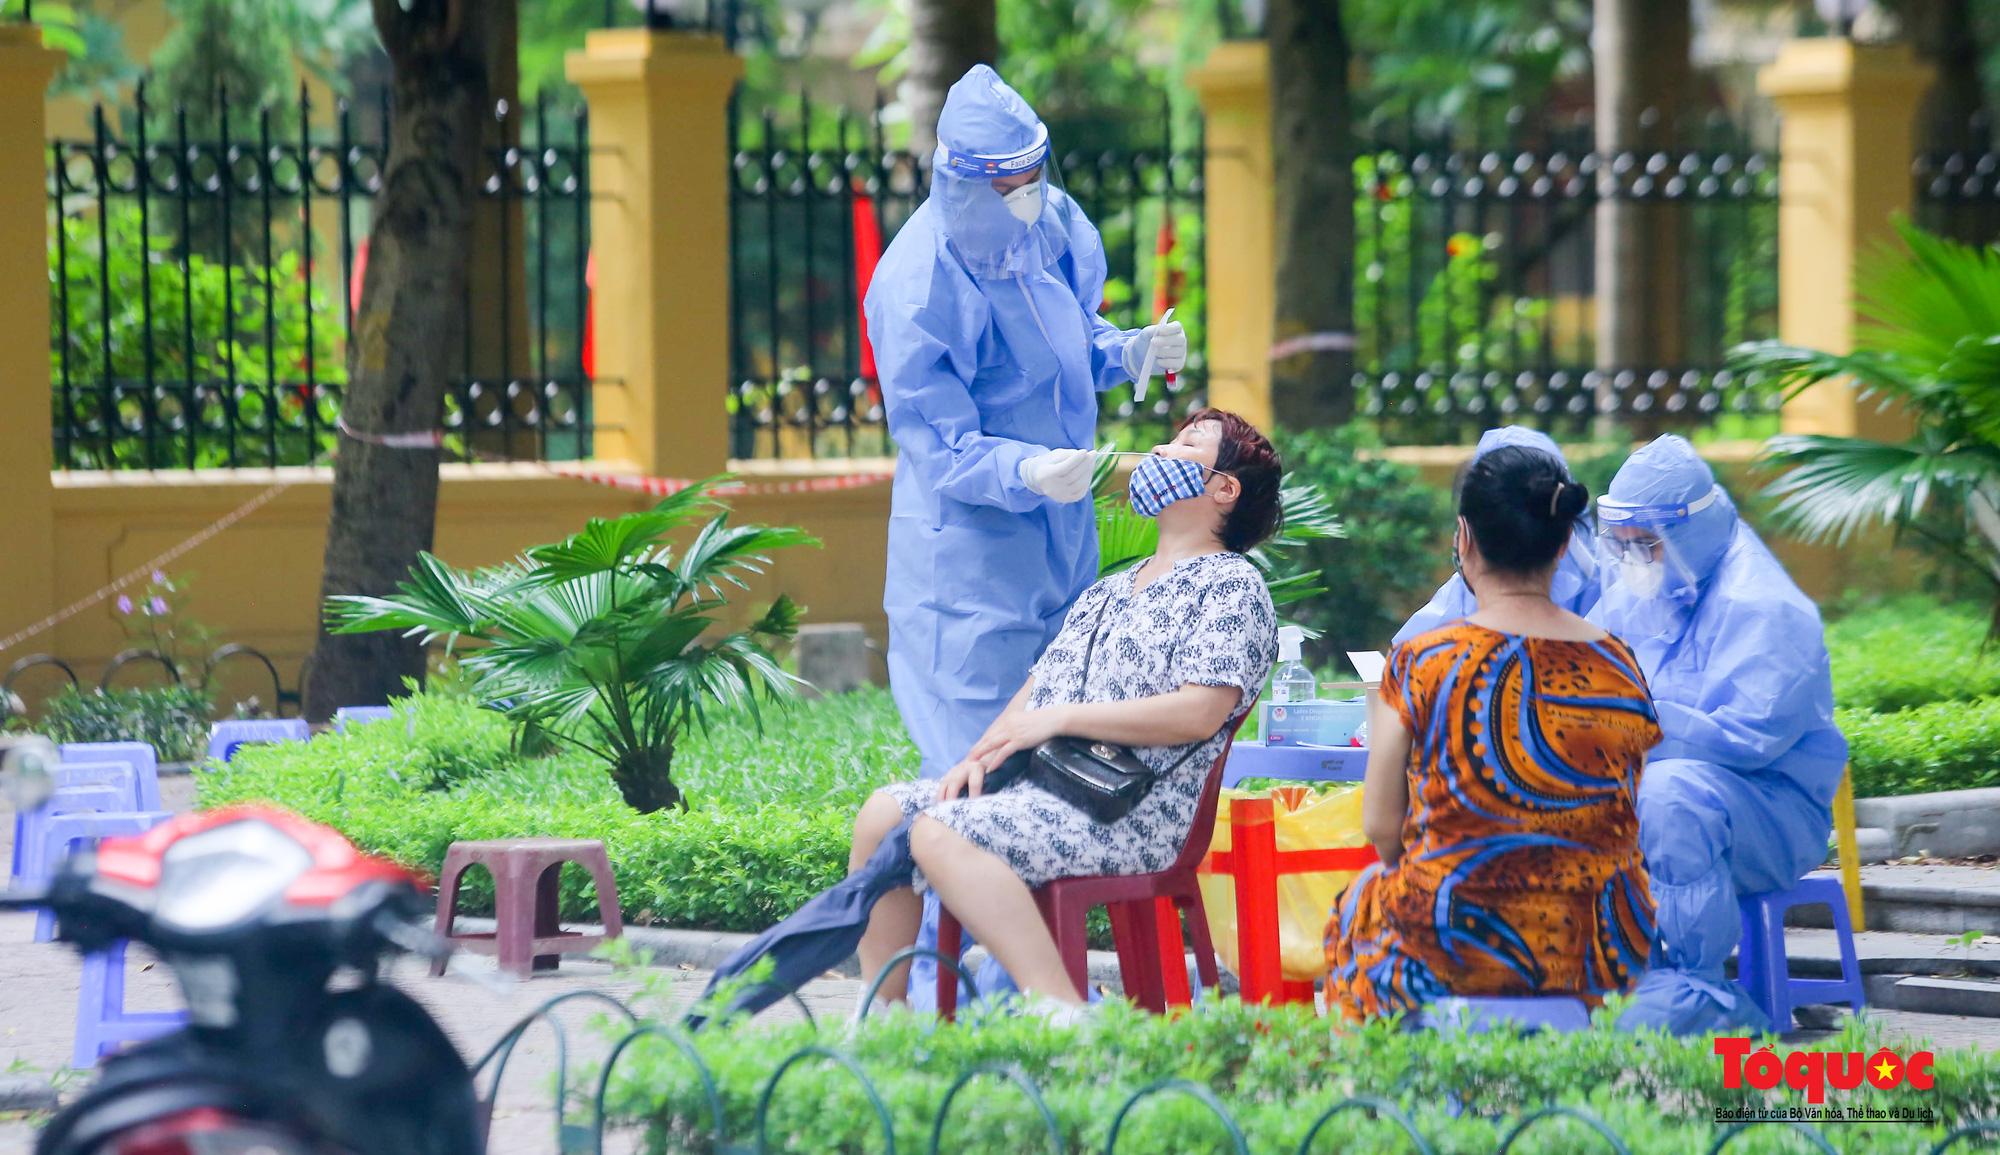 Hà Nội: Thần tốc xét nghiệm Covid-19 cho 100% người dân trên địa bàn - Ảnh 3.